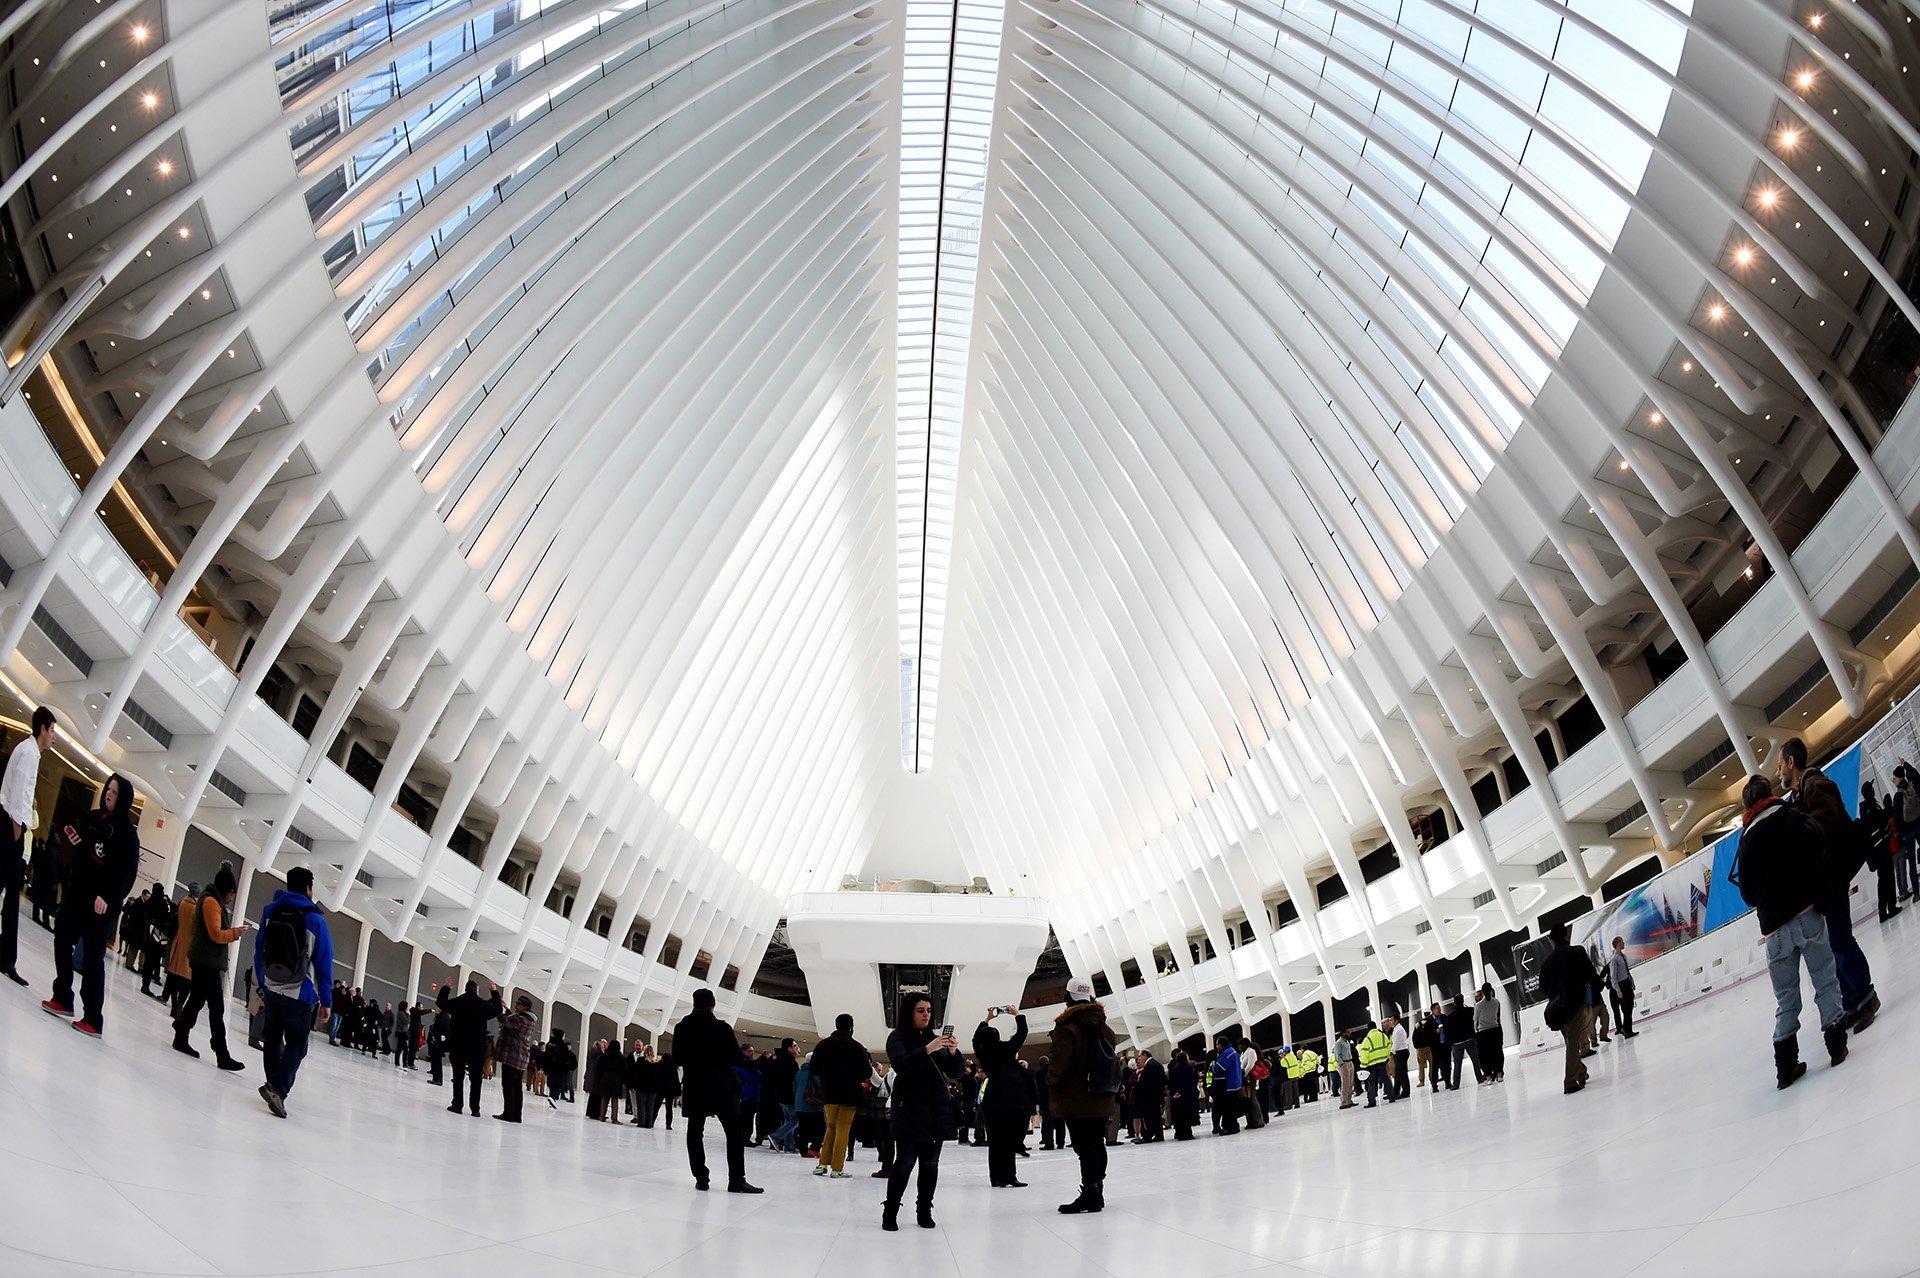 La estación goza de un diseño muy distintoal de los rectos y cuadriculados rascacielos del distrito financiero en el sur de la isla de Manhattan